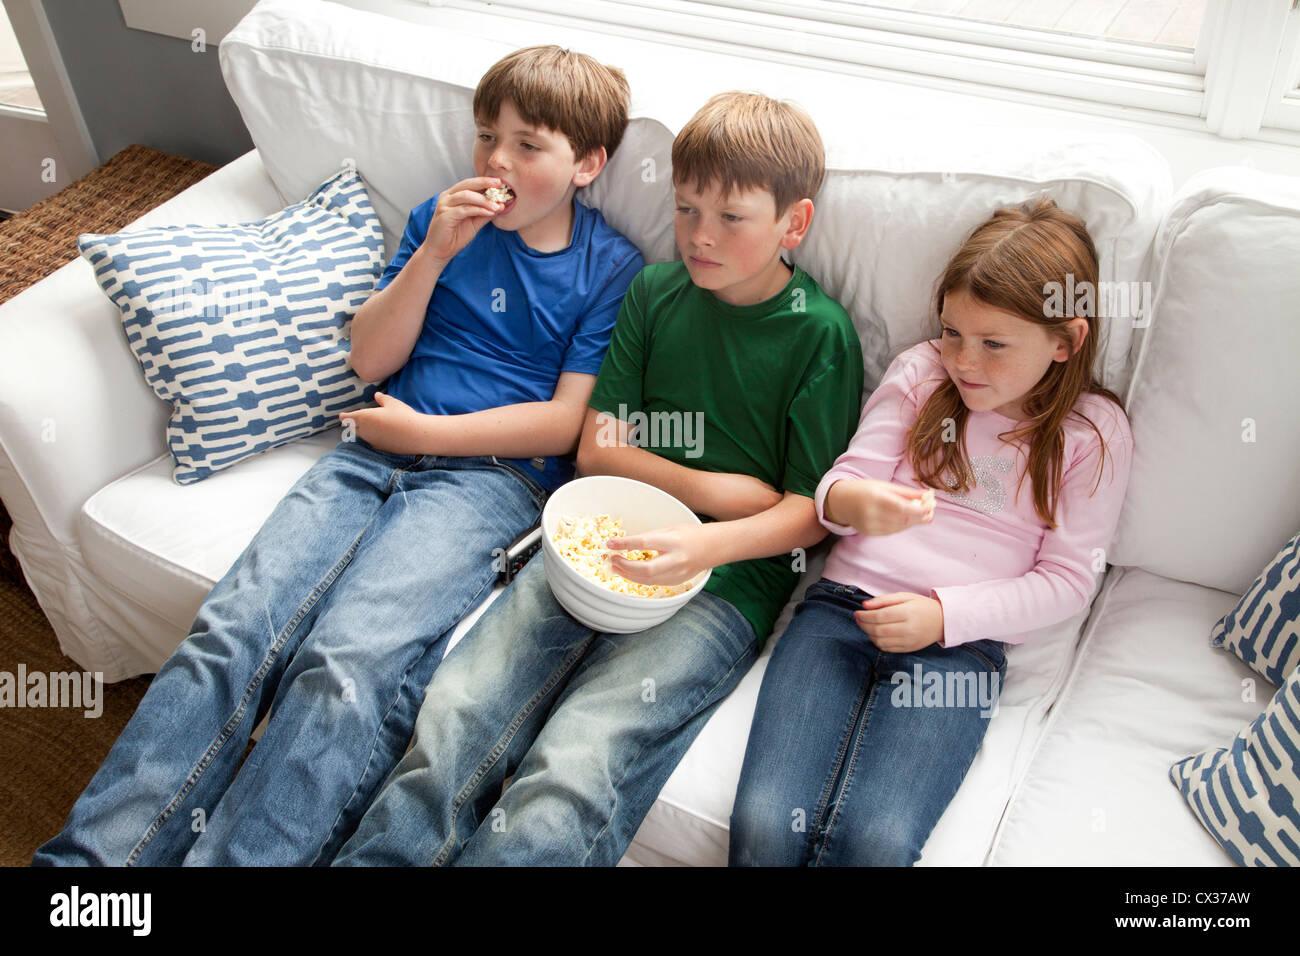 Drei Kinder Sitzen Auf Der Couch Vor Dem Fernseher Und Essen Popcorn